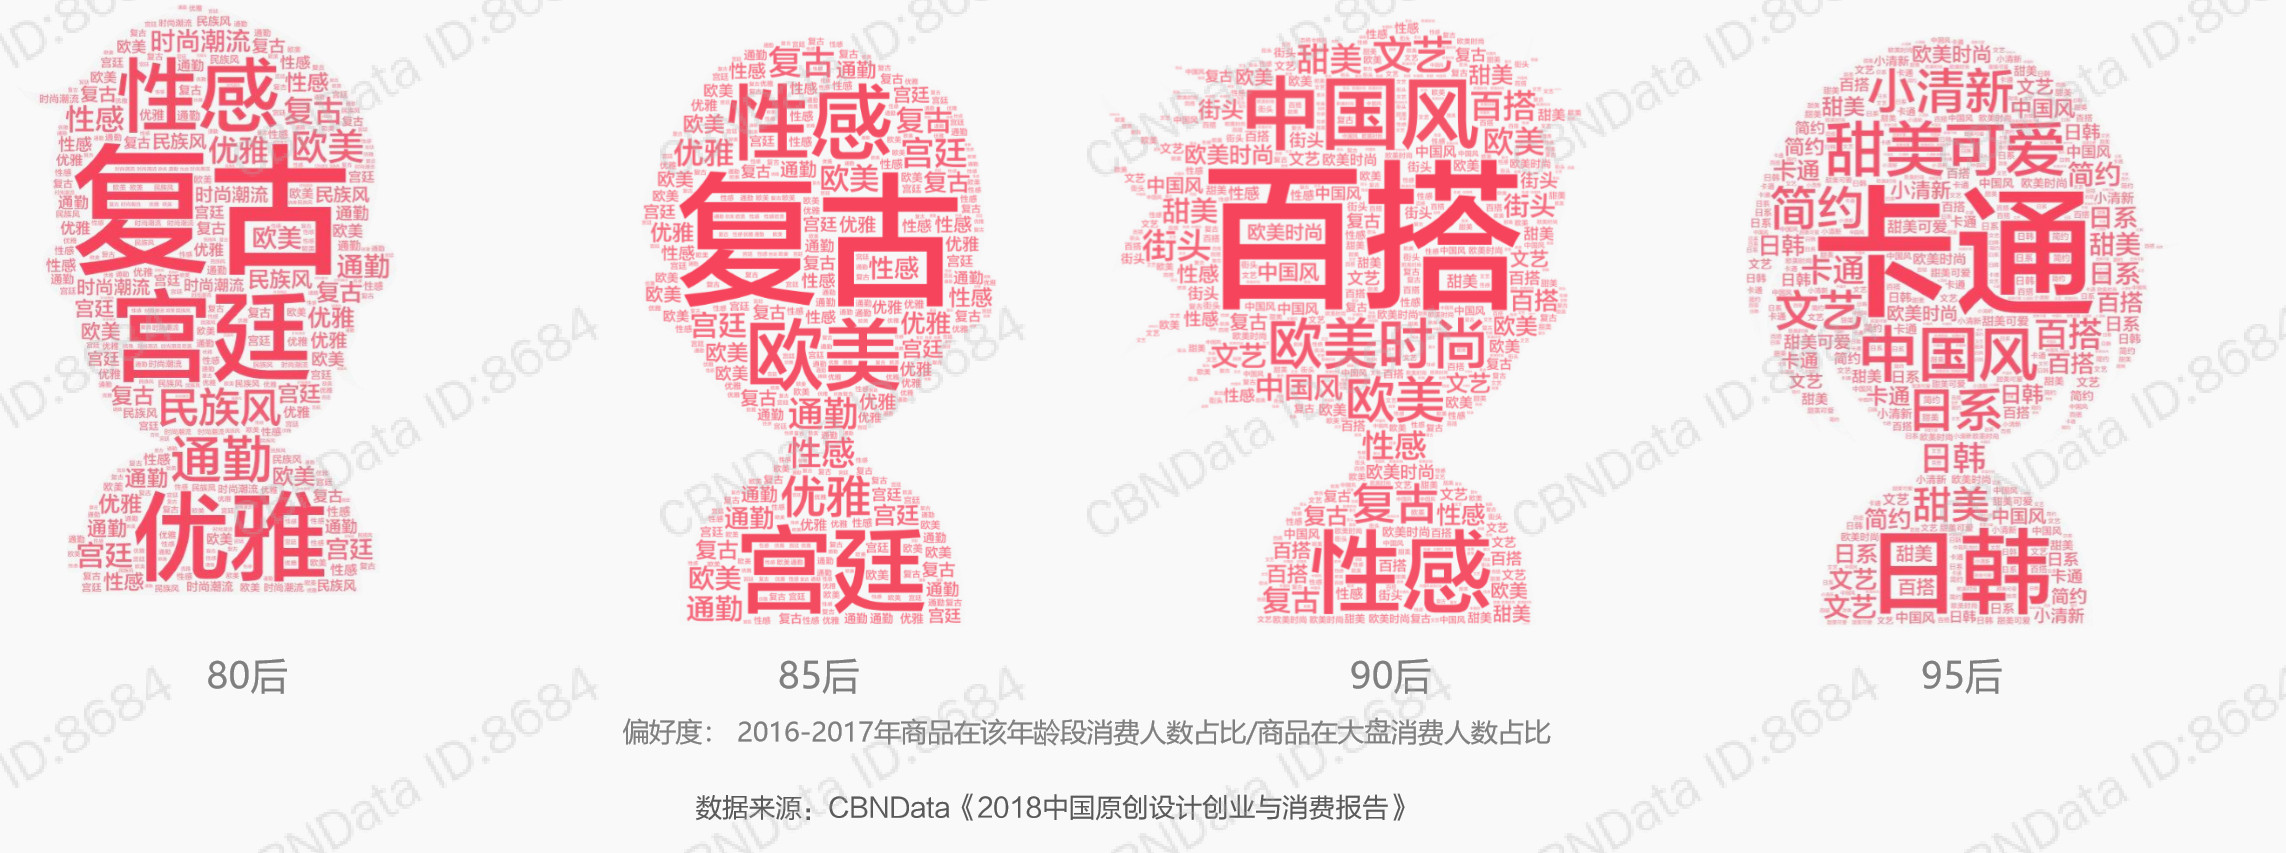 63353b2c74434dc296dae26219d61160.jpeg